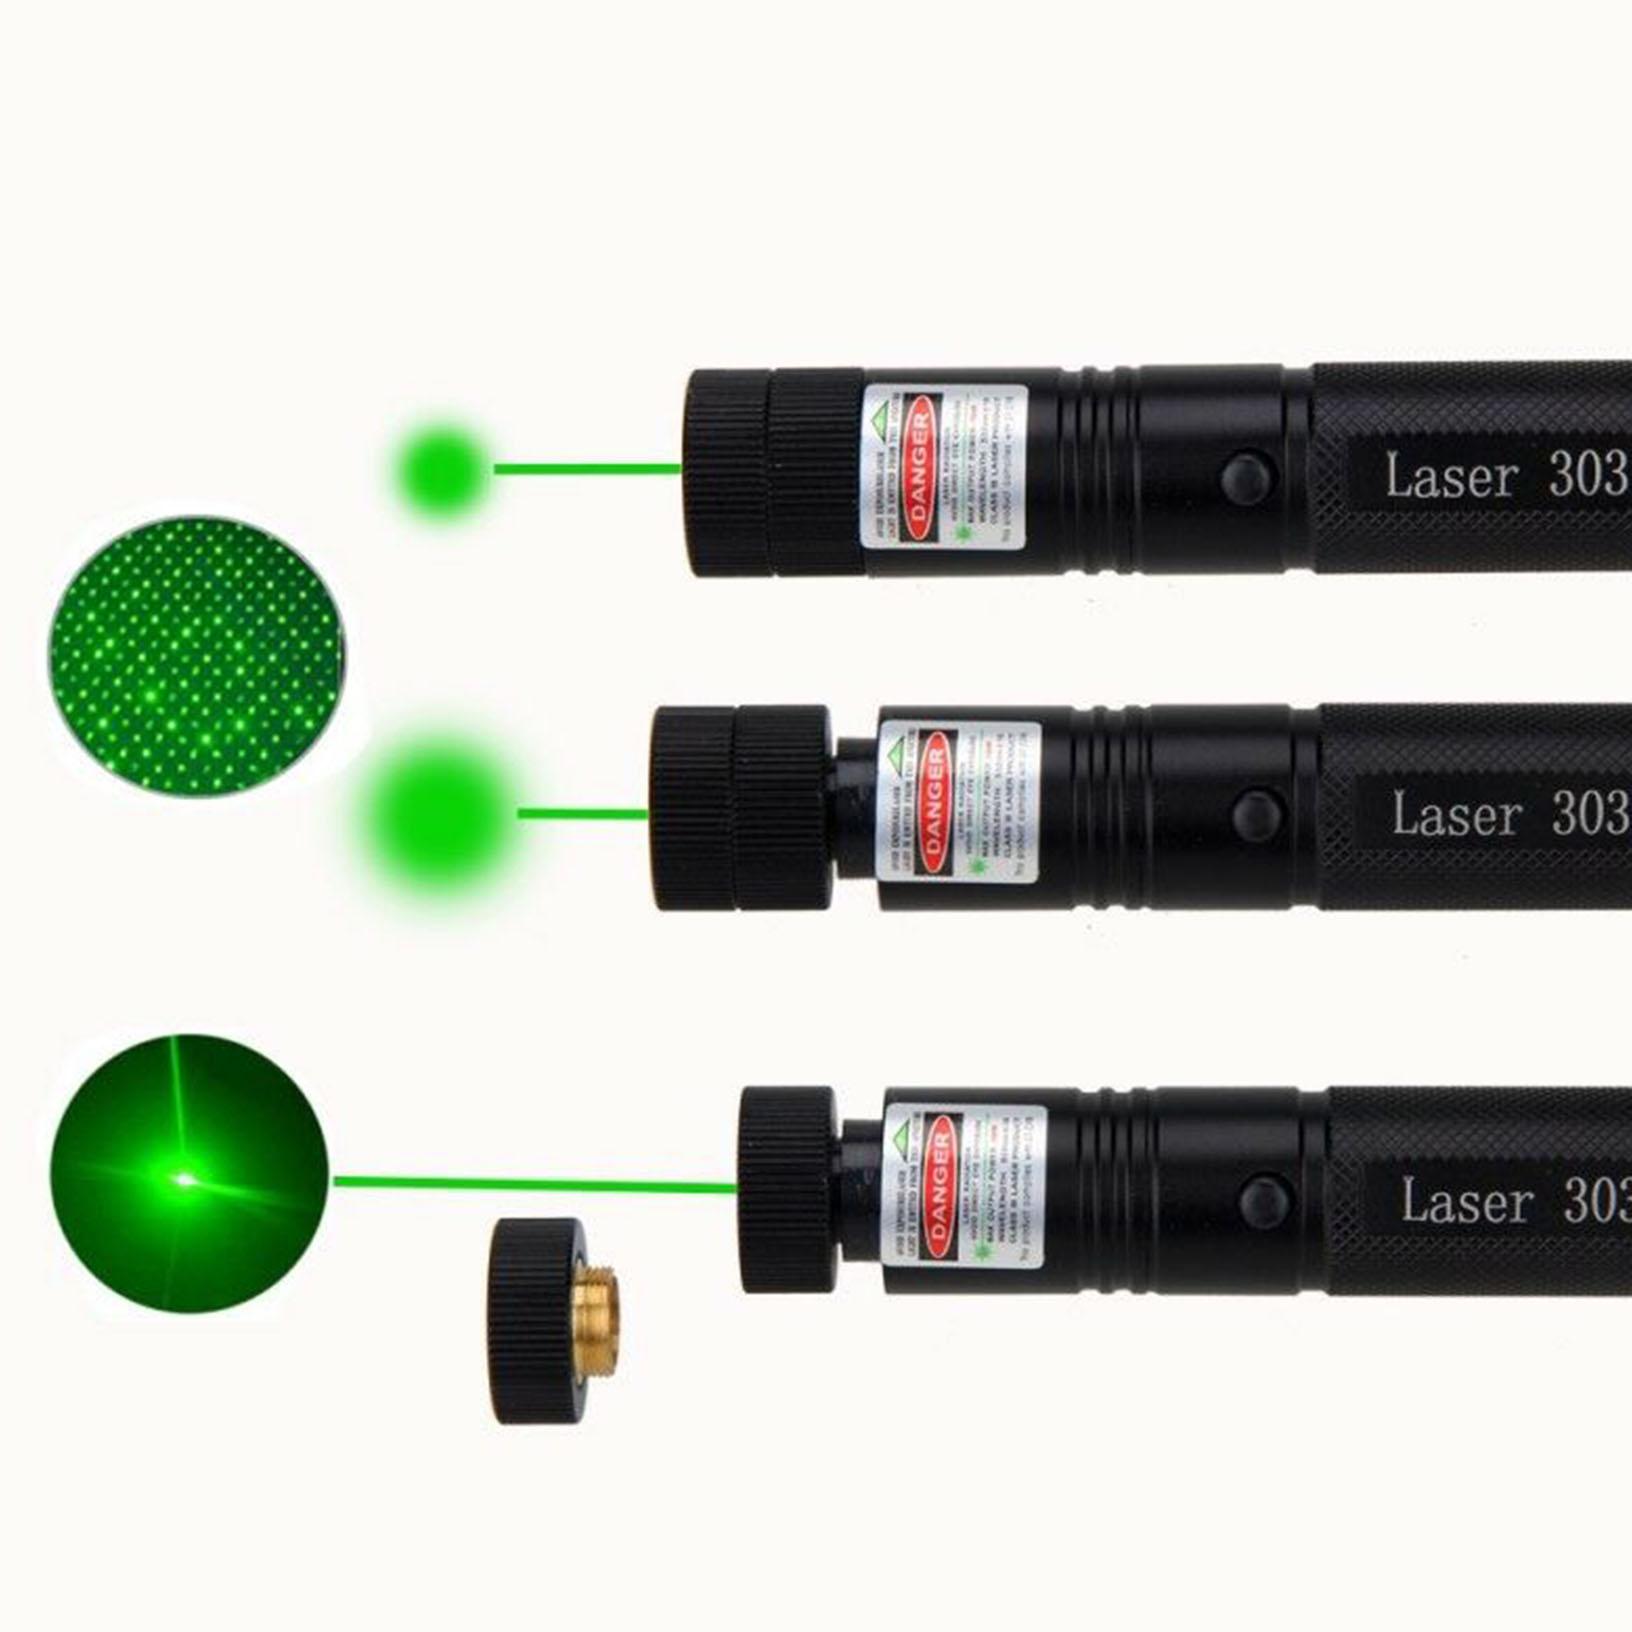 Ladegerät Laserpointer 303 Grün 1MW 532NM Strahl Sichtbar Beam Light 18650